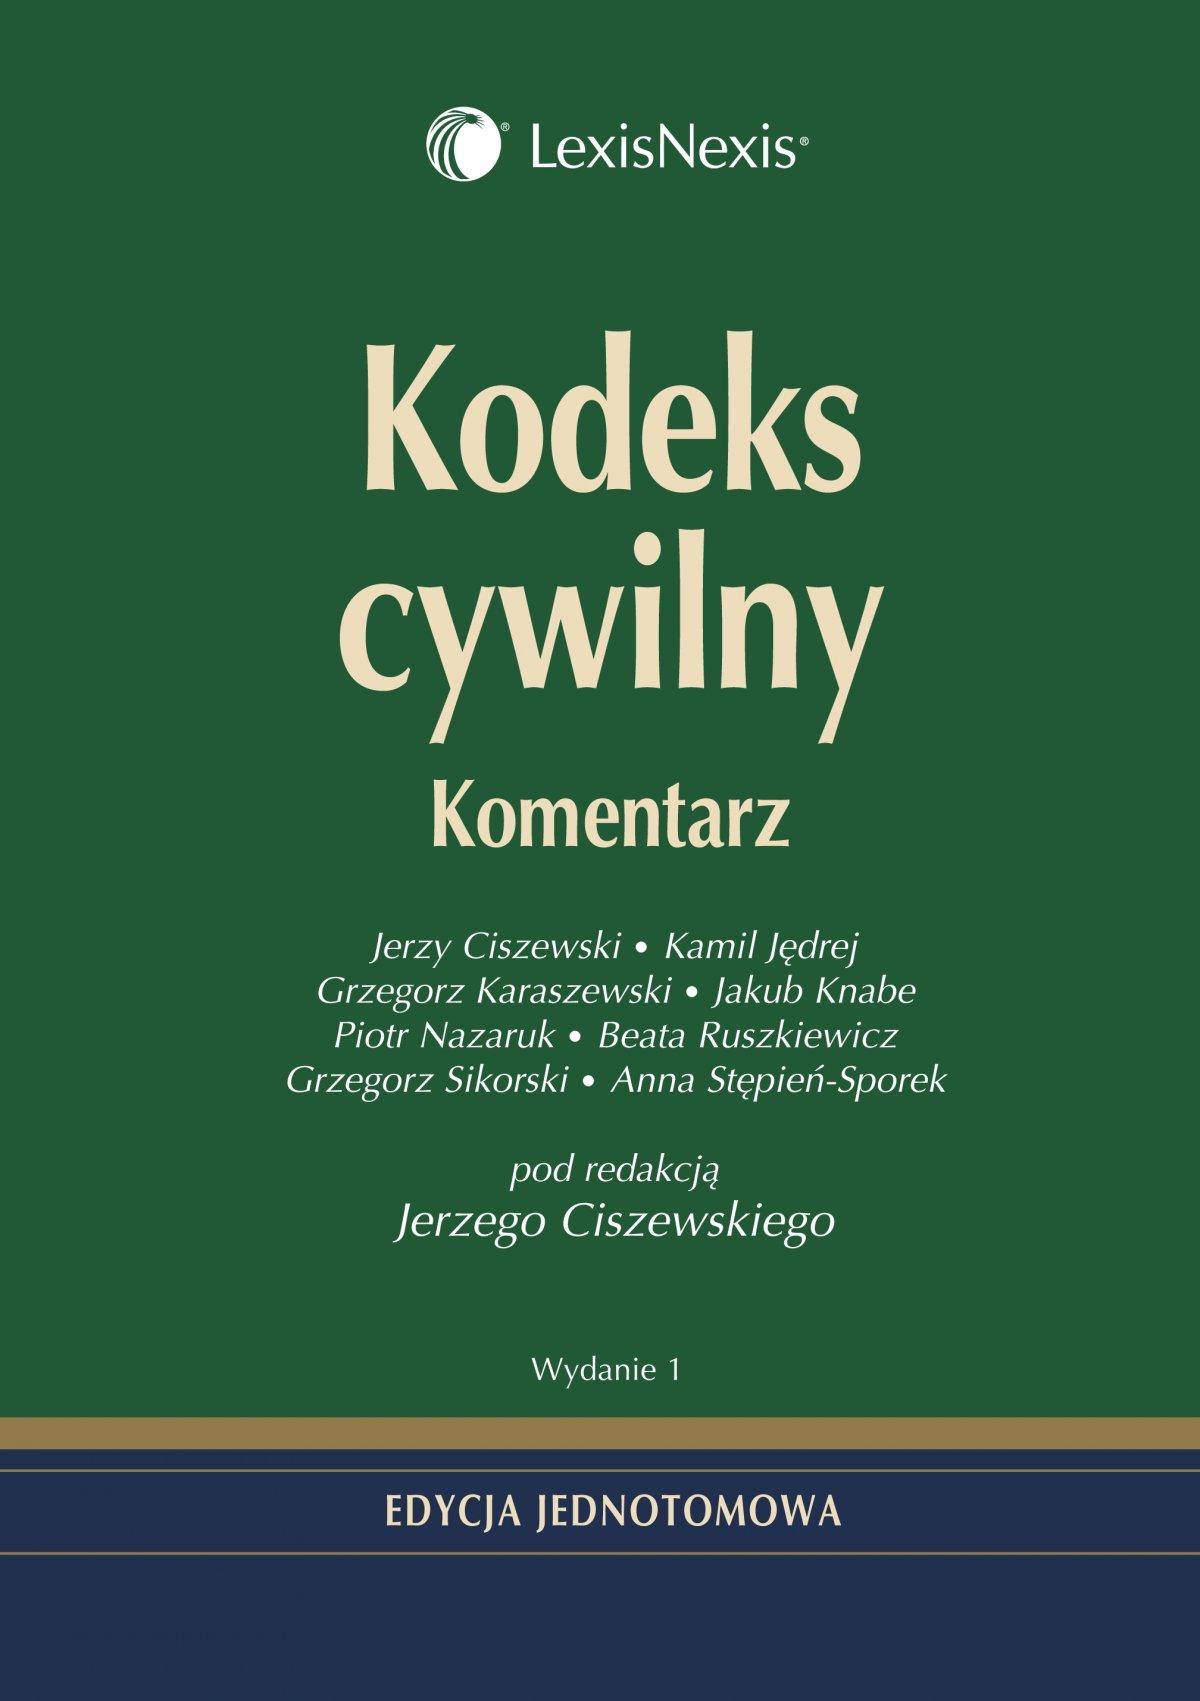 Kodeks cywilny. Komentarz - Ebook (Książka PDF) do pobrania w formacie PDF